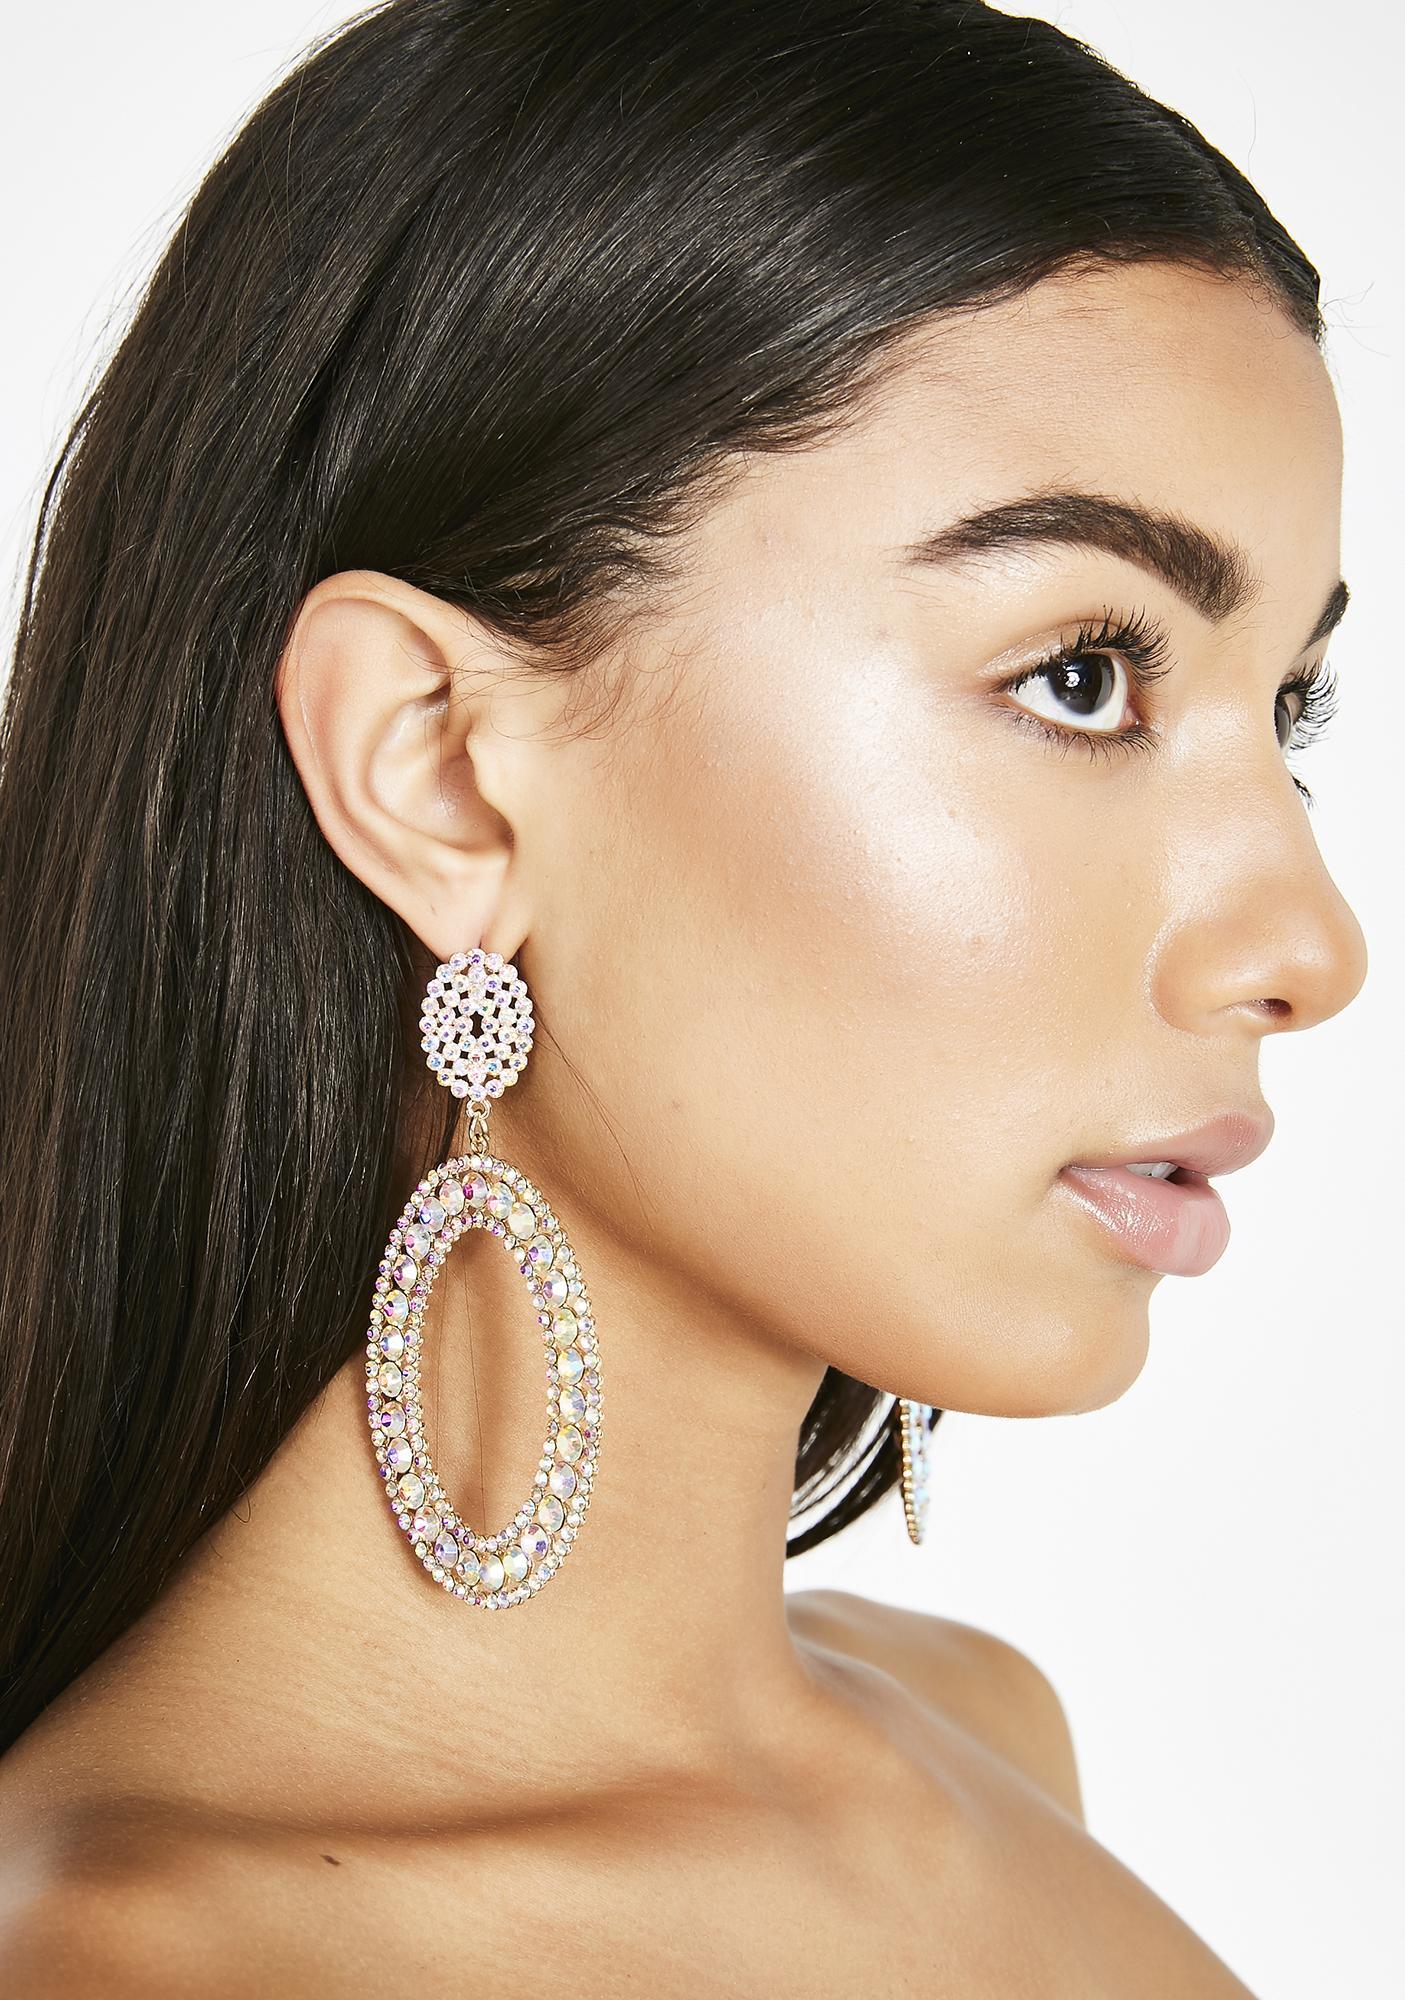 Dazzling Duchess Rhinestone Earrings